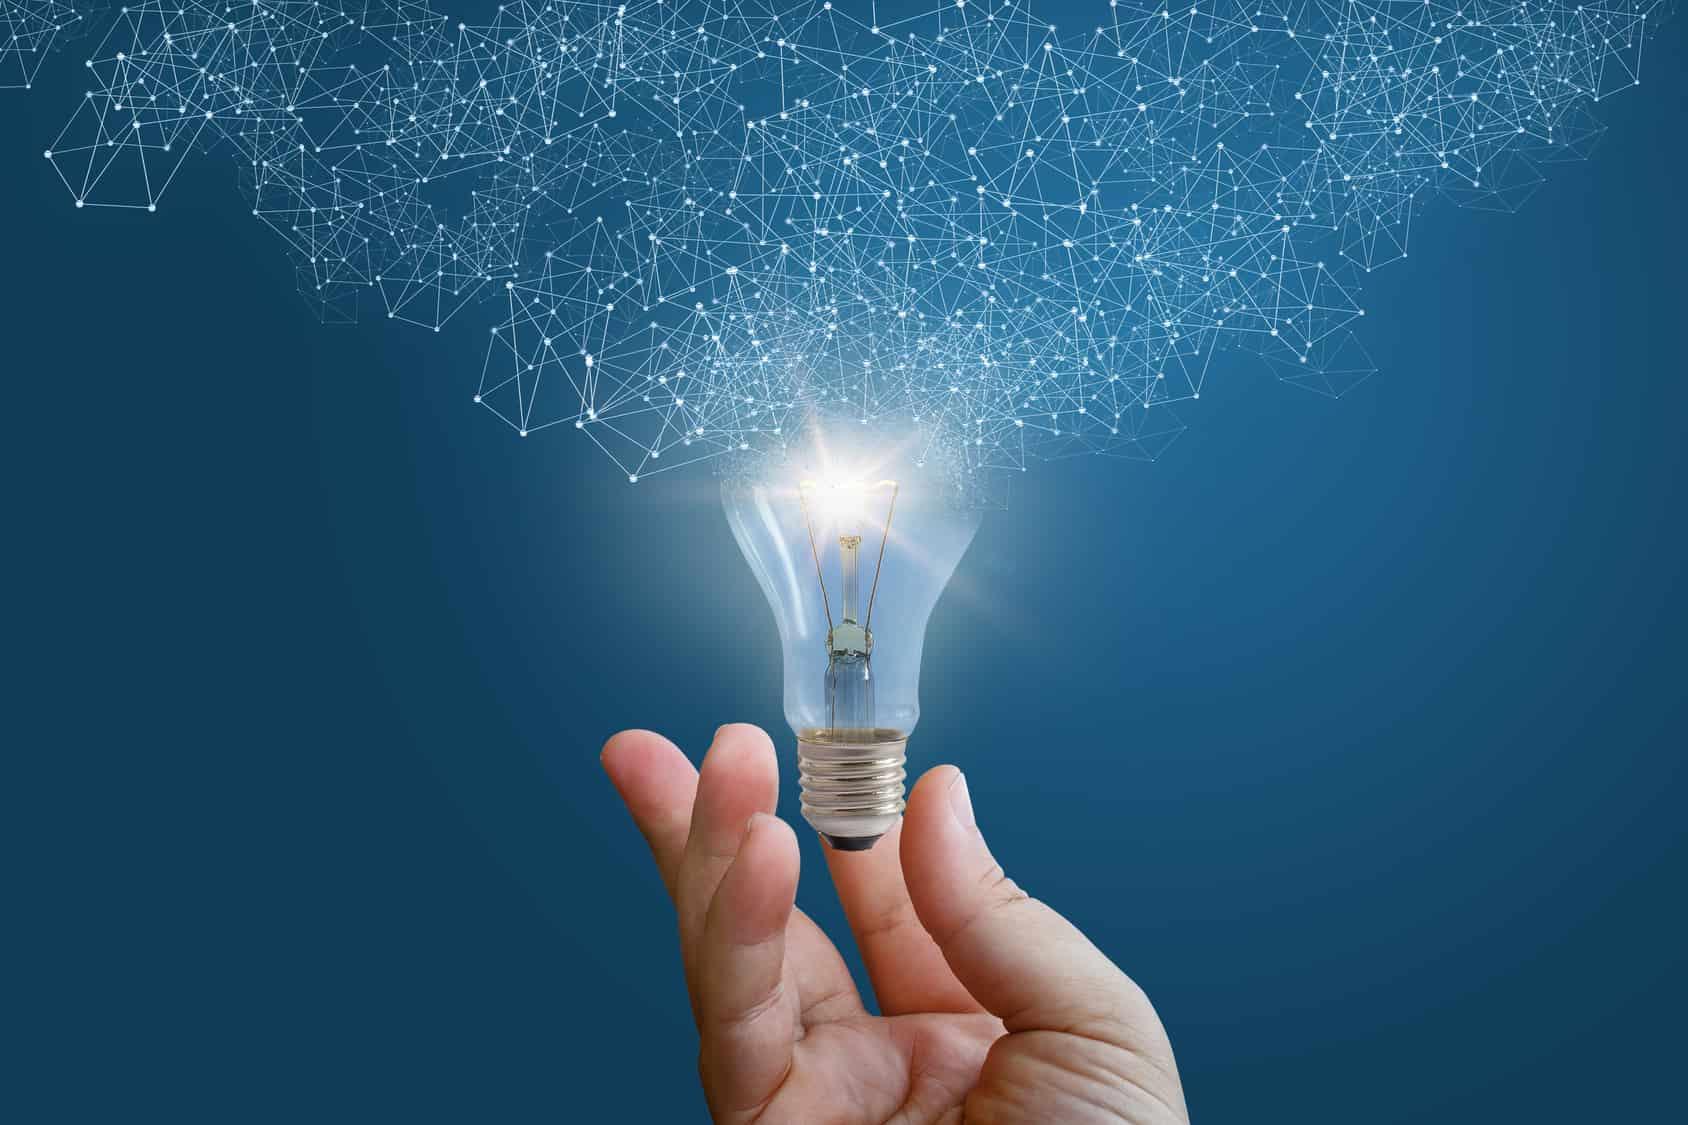 En días recientes se firmó el Acta Constitutiva del Nodo IXP-Yucatán, proyecto que forma parte de la estrategia de articulación social y gubernamental para la innovación, la investigación y desarrollo de las TIC en esa entidad.